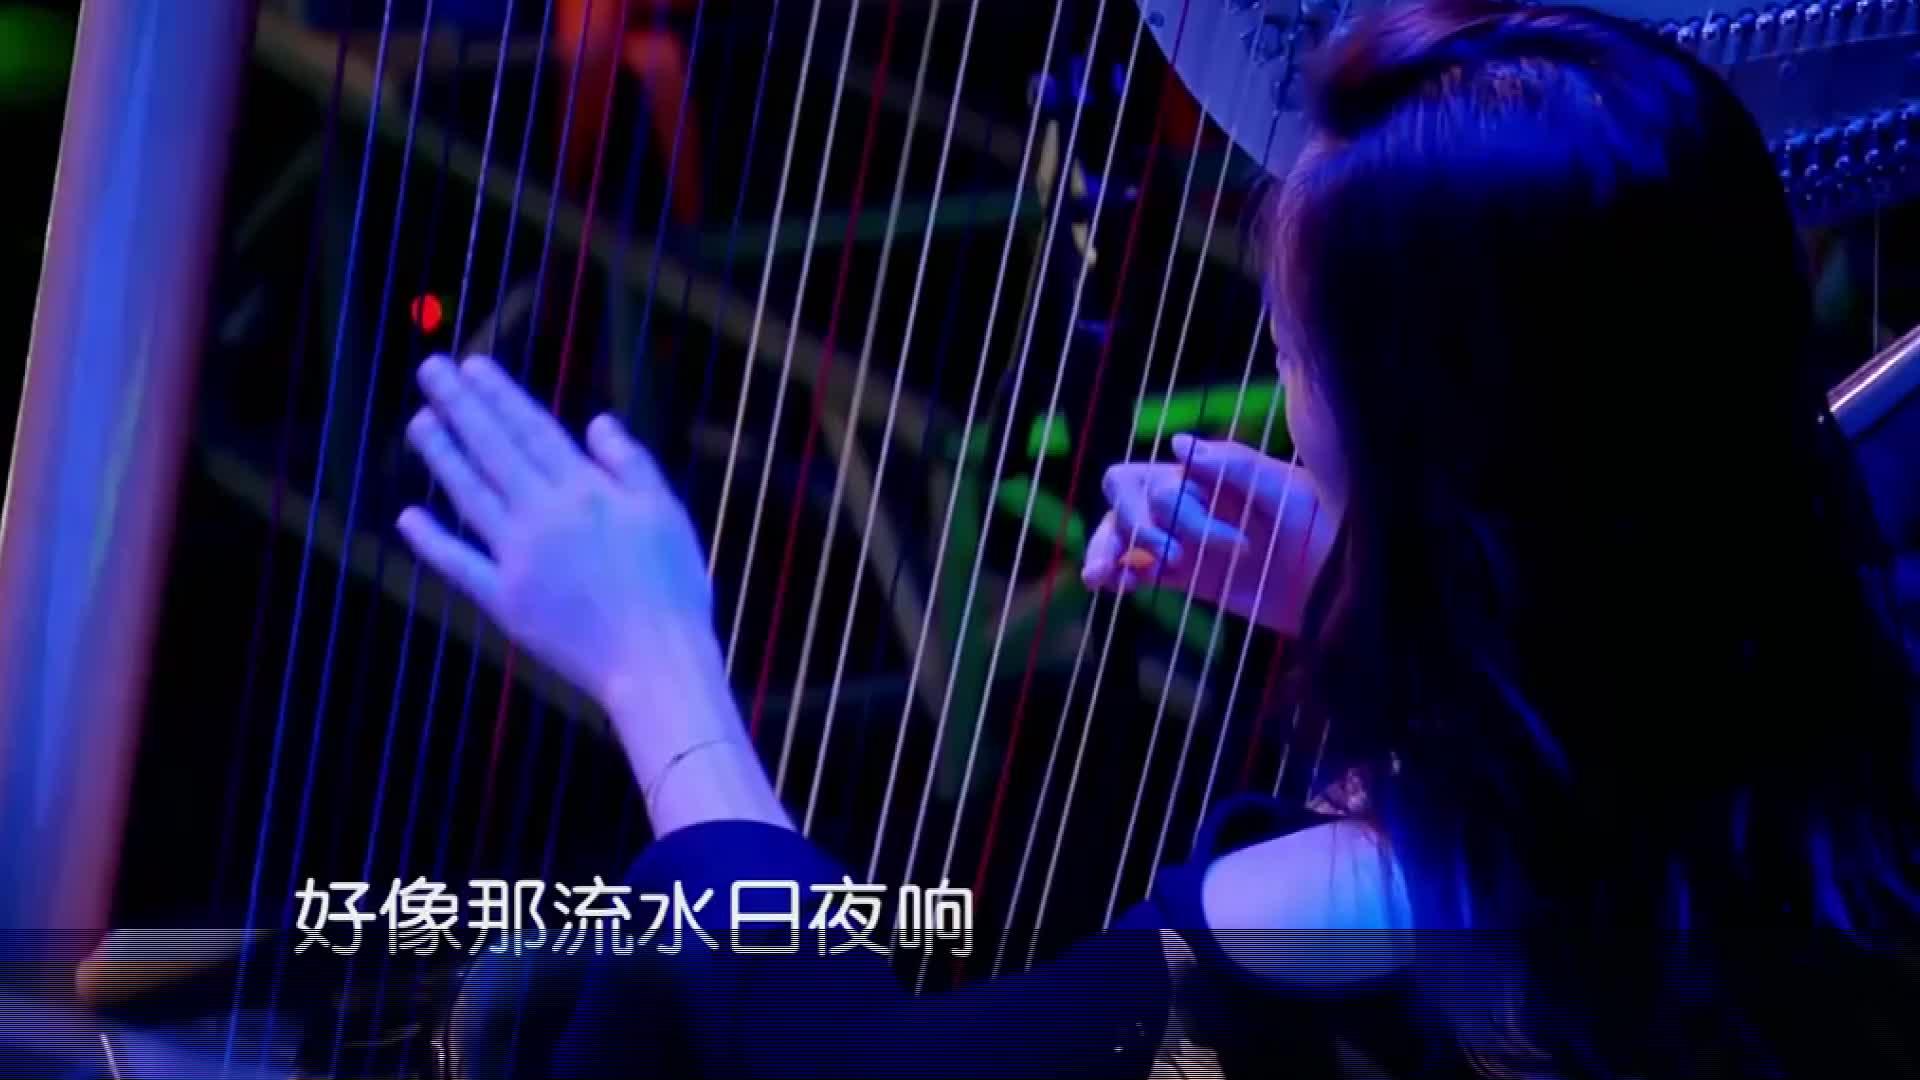 张海庆、严当当合唱《婚誓》,嗓音优雅深情,听一次入心泪目